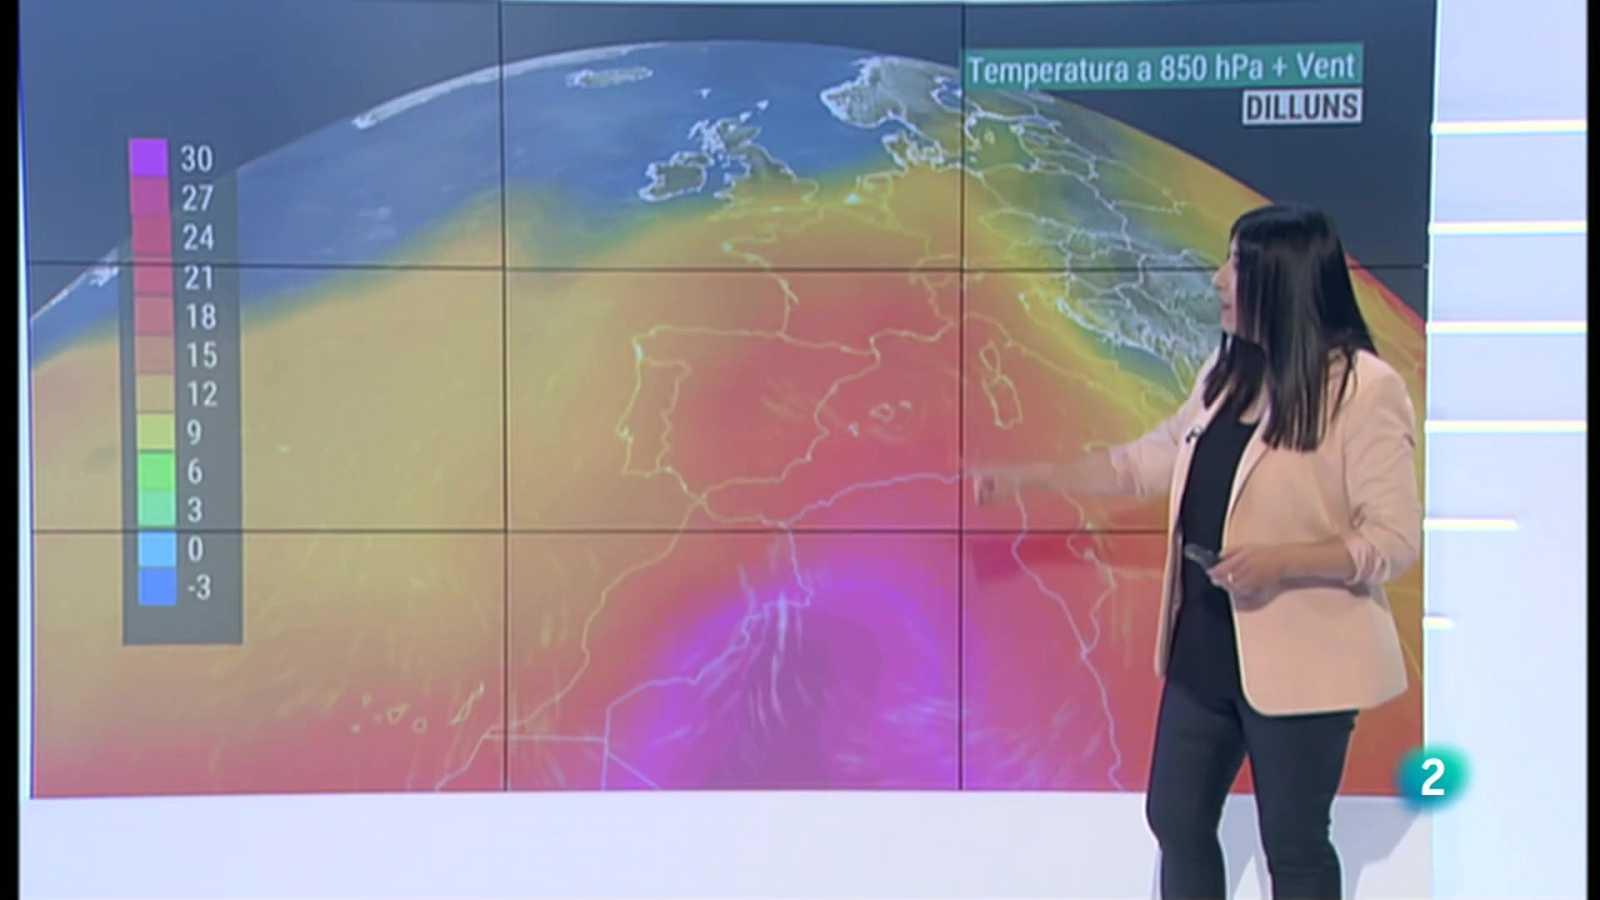 El Temps (10/06/2021) - Toca passar calor